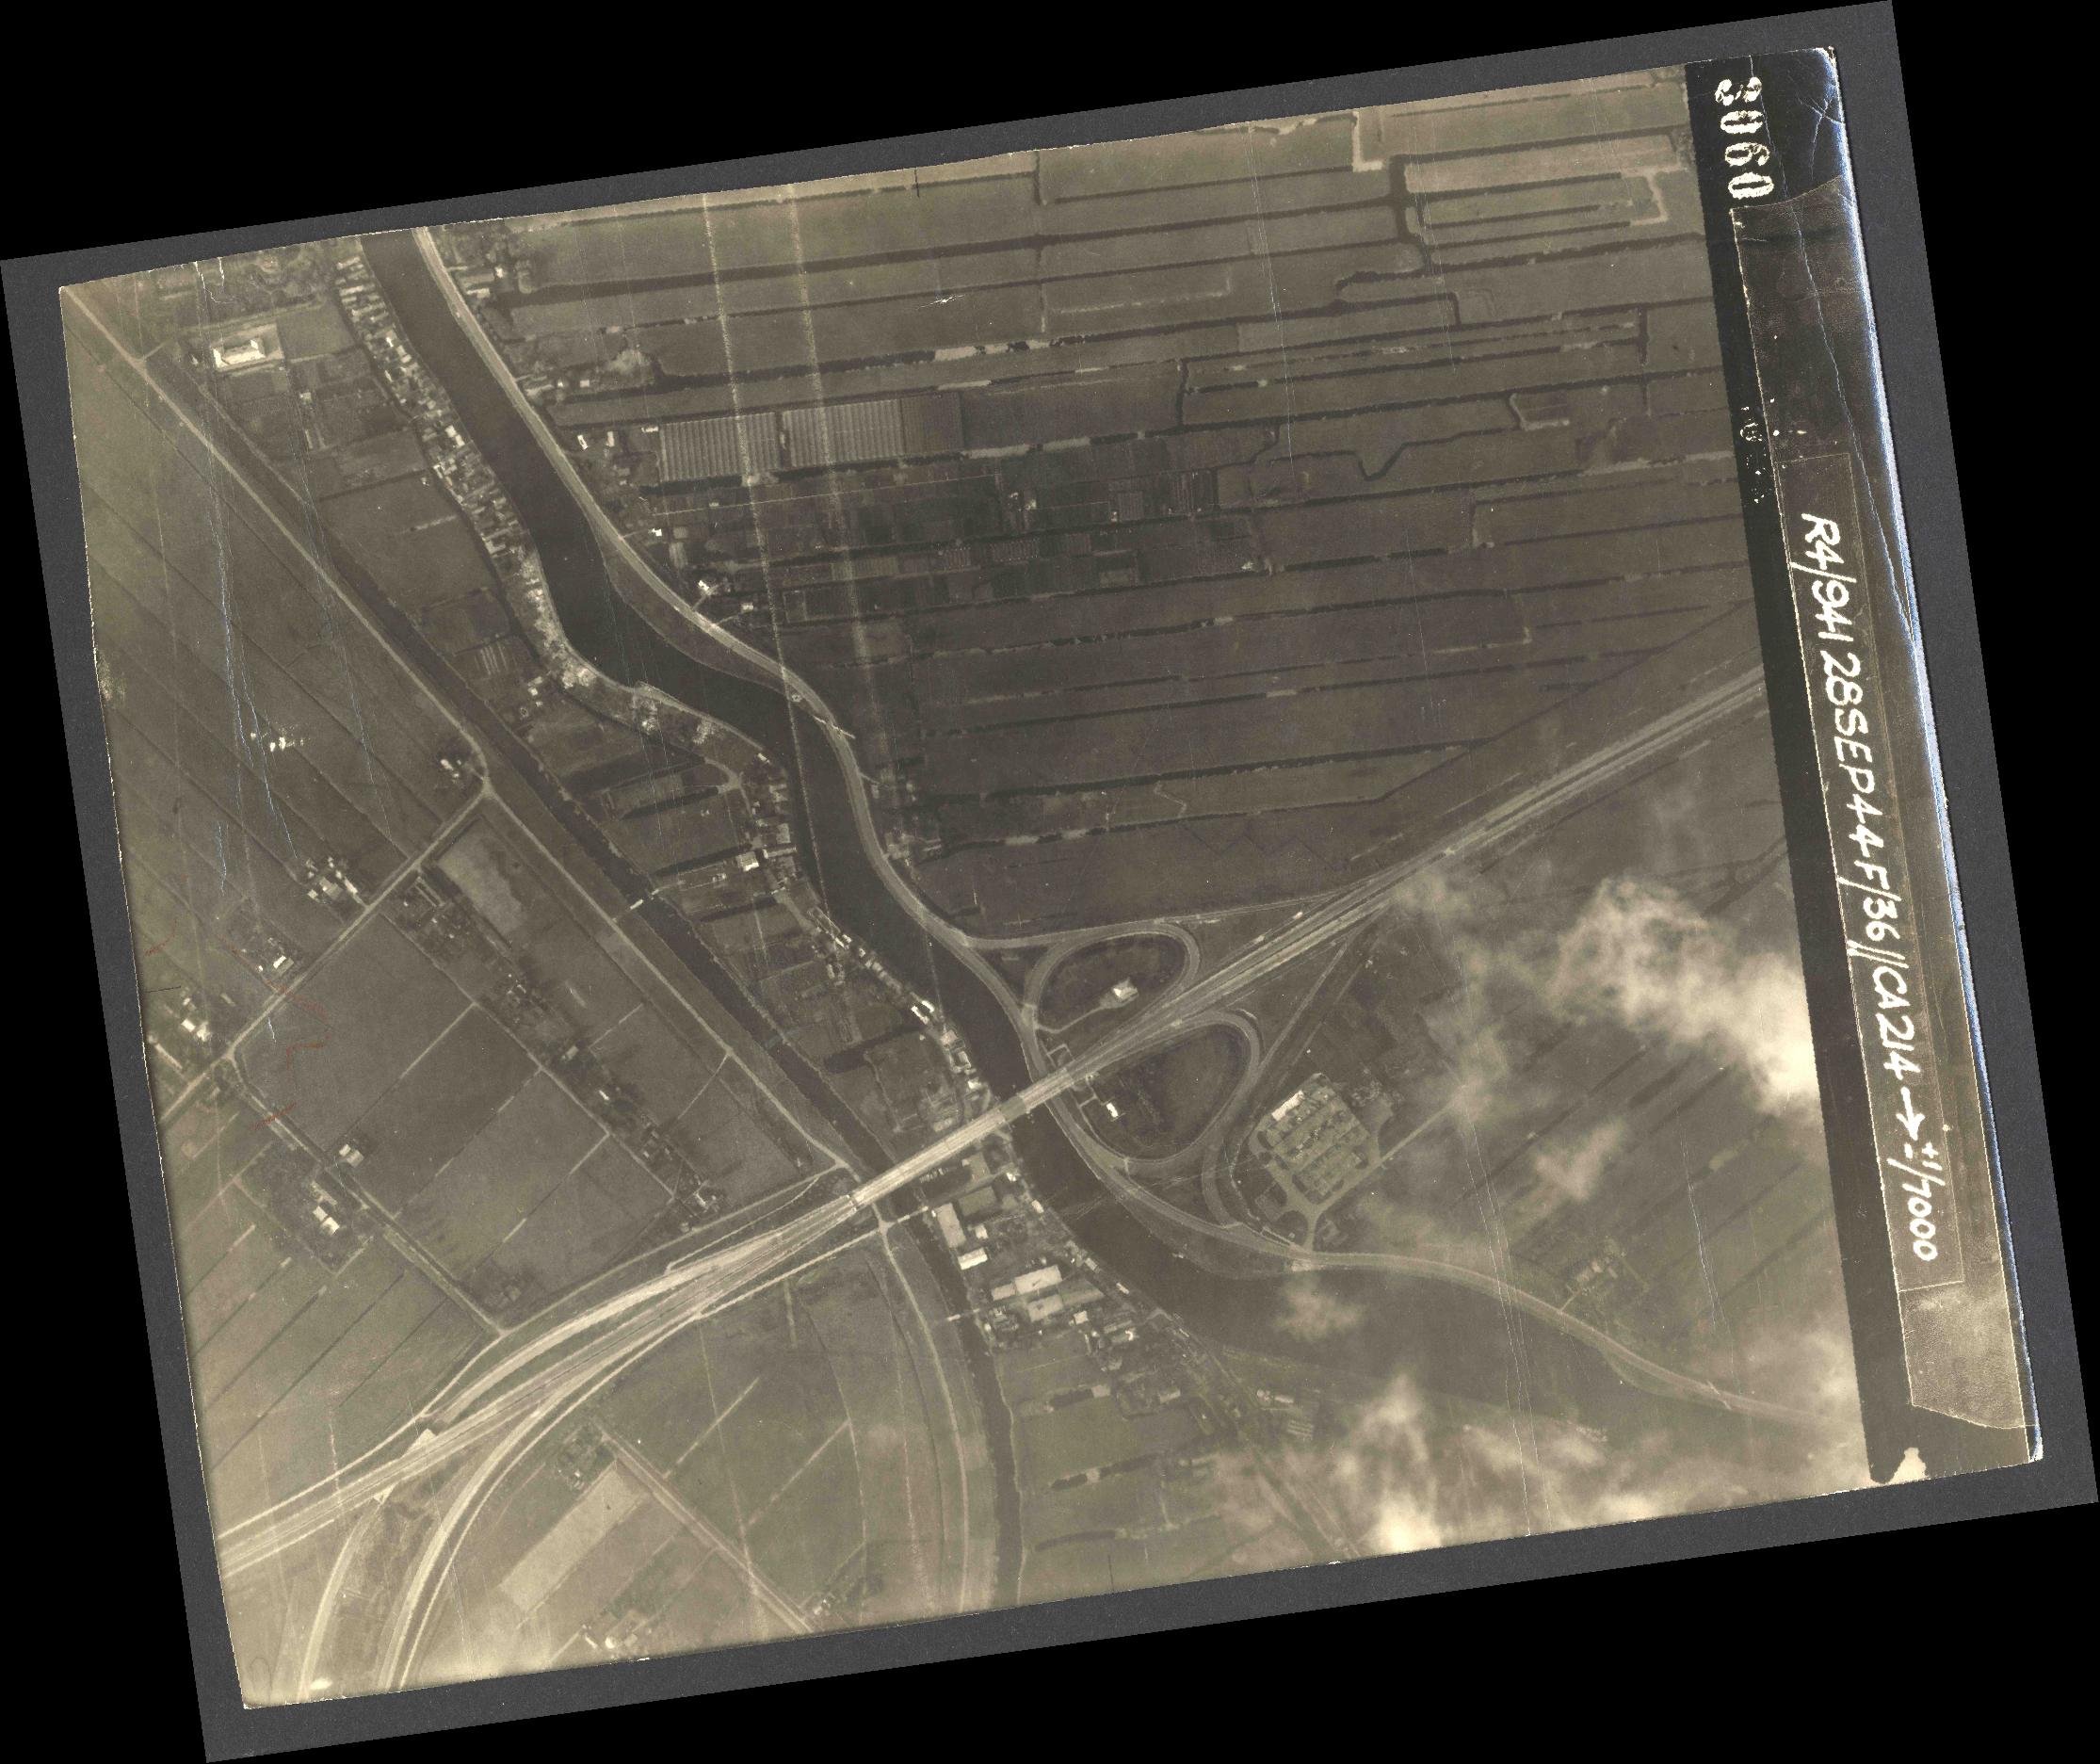 Collection RAF aerial photos 1940-1945 - flight 067, run 08, photo 3060